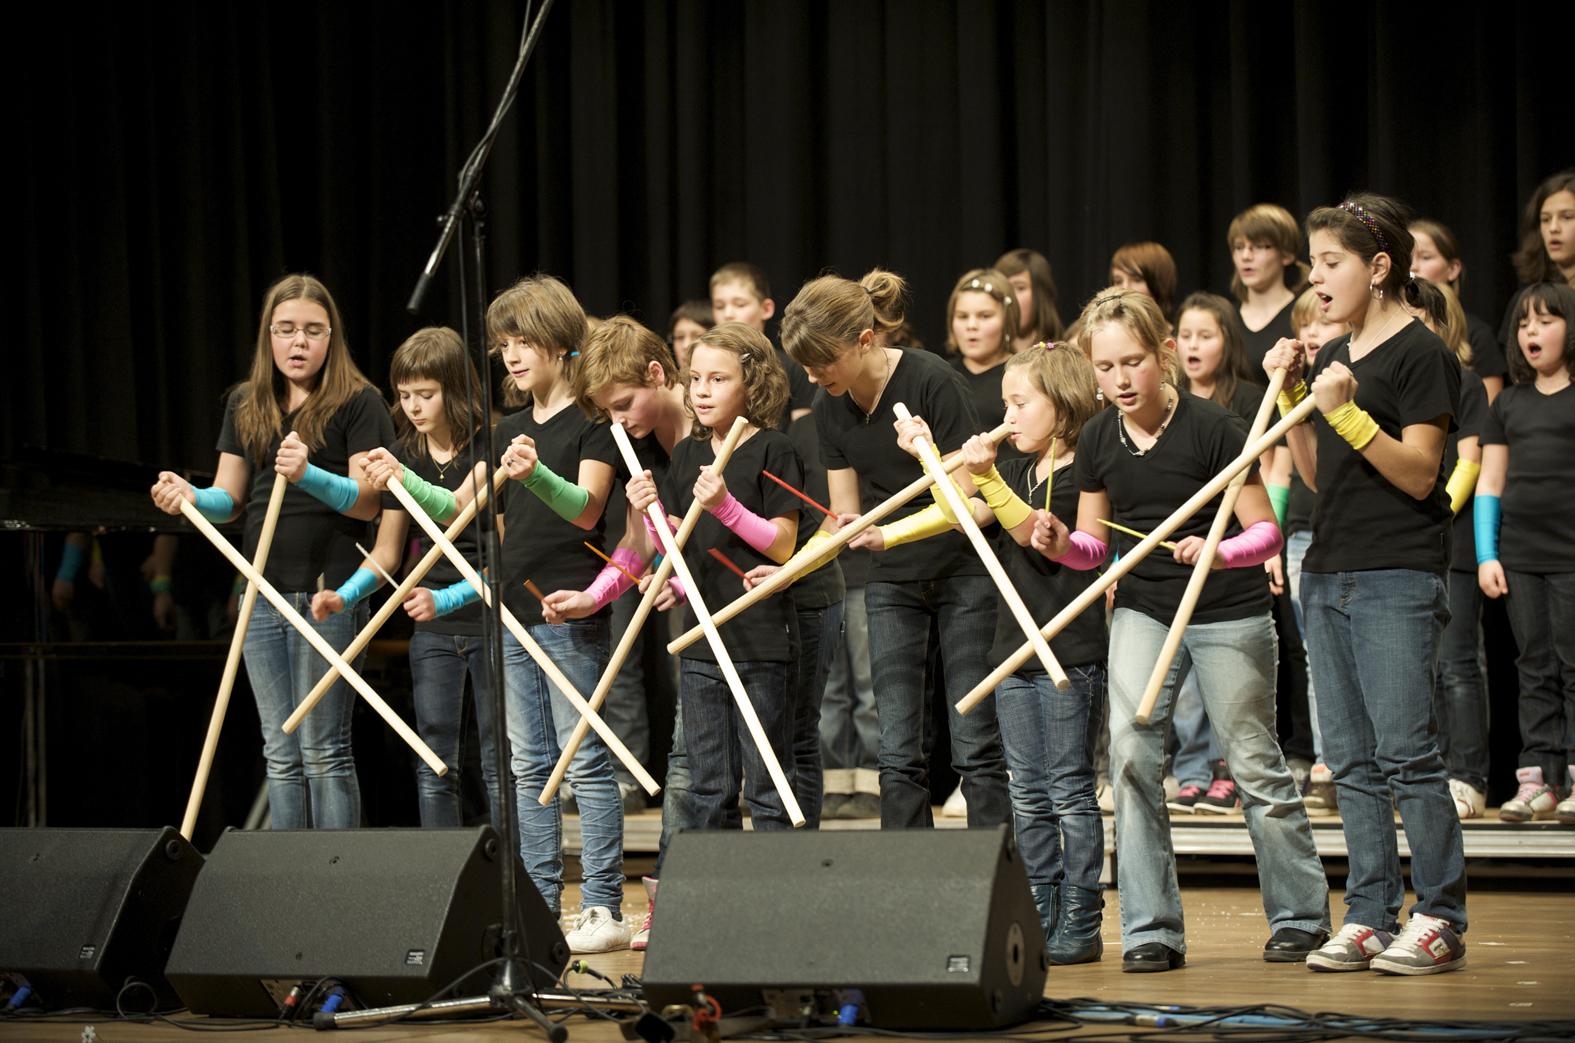 Il chor d'affons da Sumvitg è era al festival da chors d'uffants e da giuvenils da la Svizra.